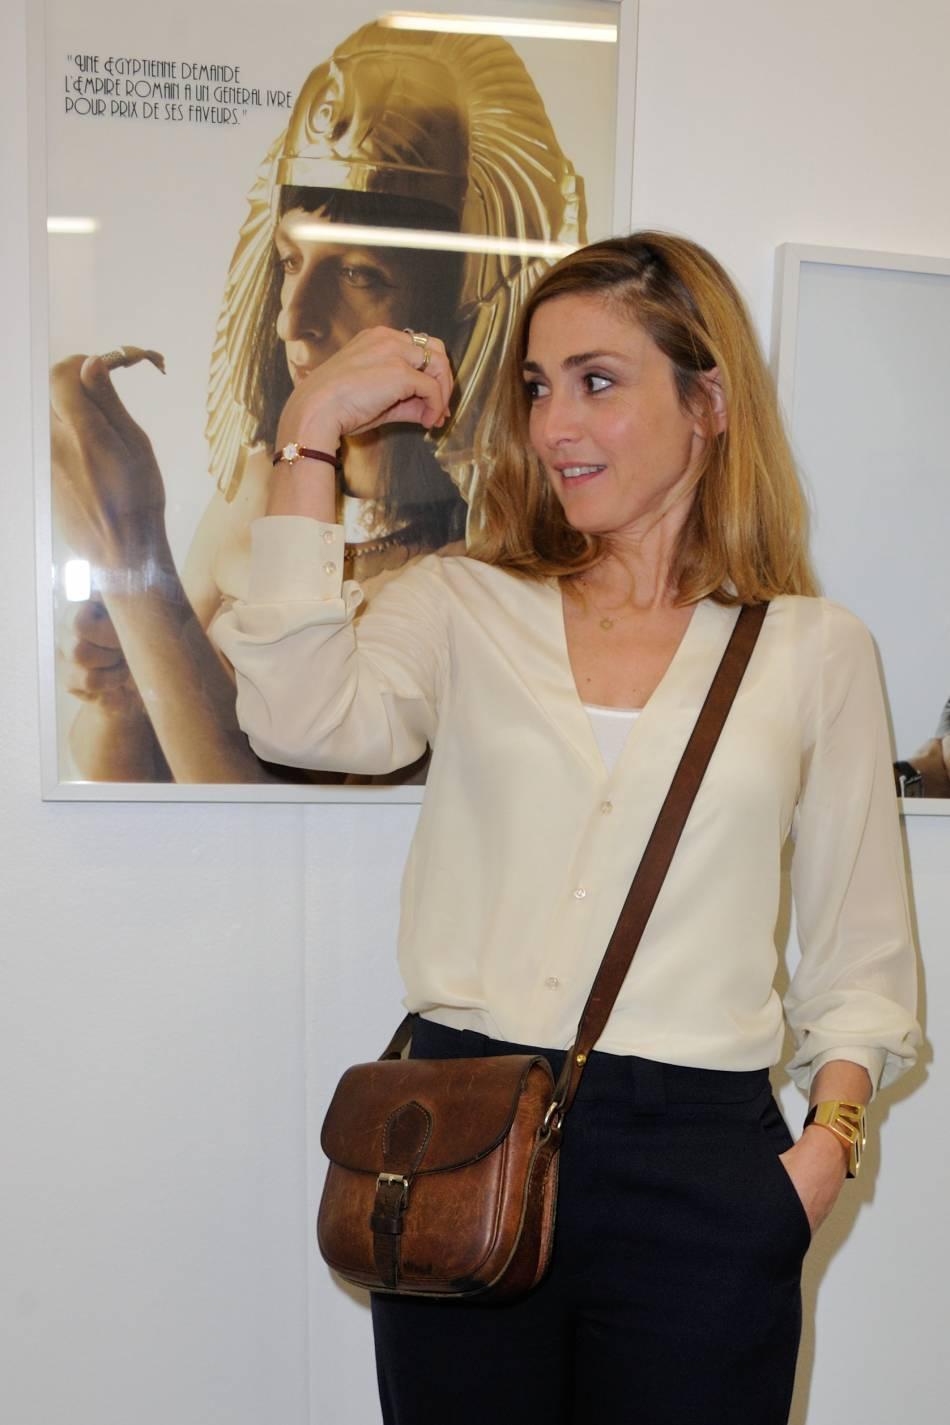 Julie Gayet prend la pose face aux photographes pour une exposition à Paris.